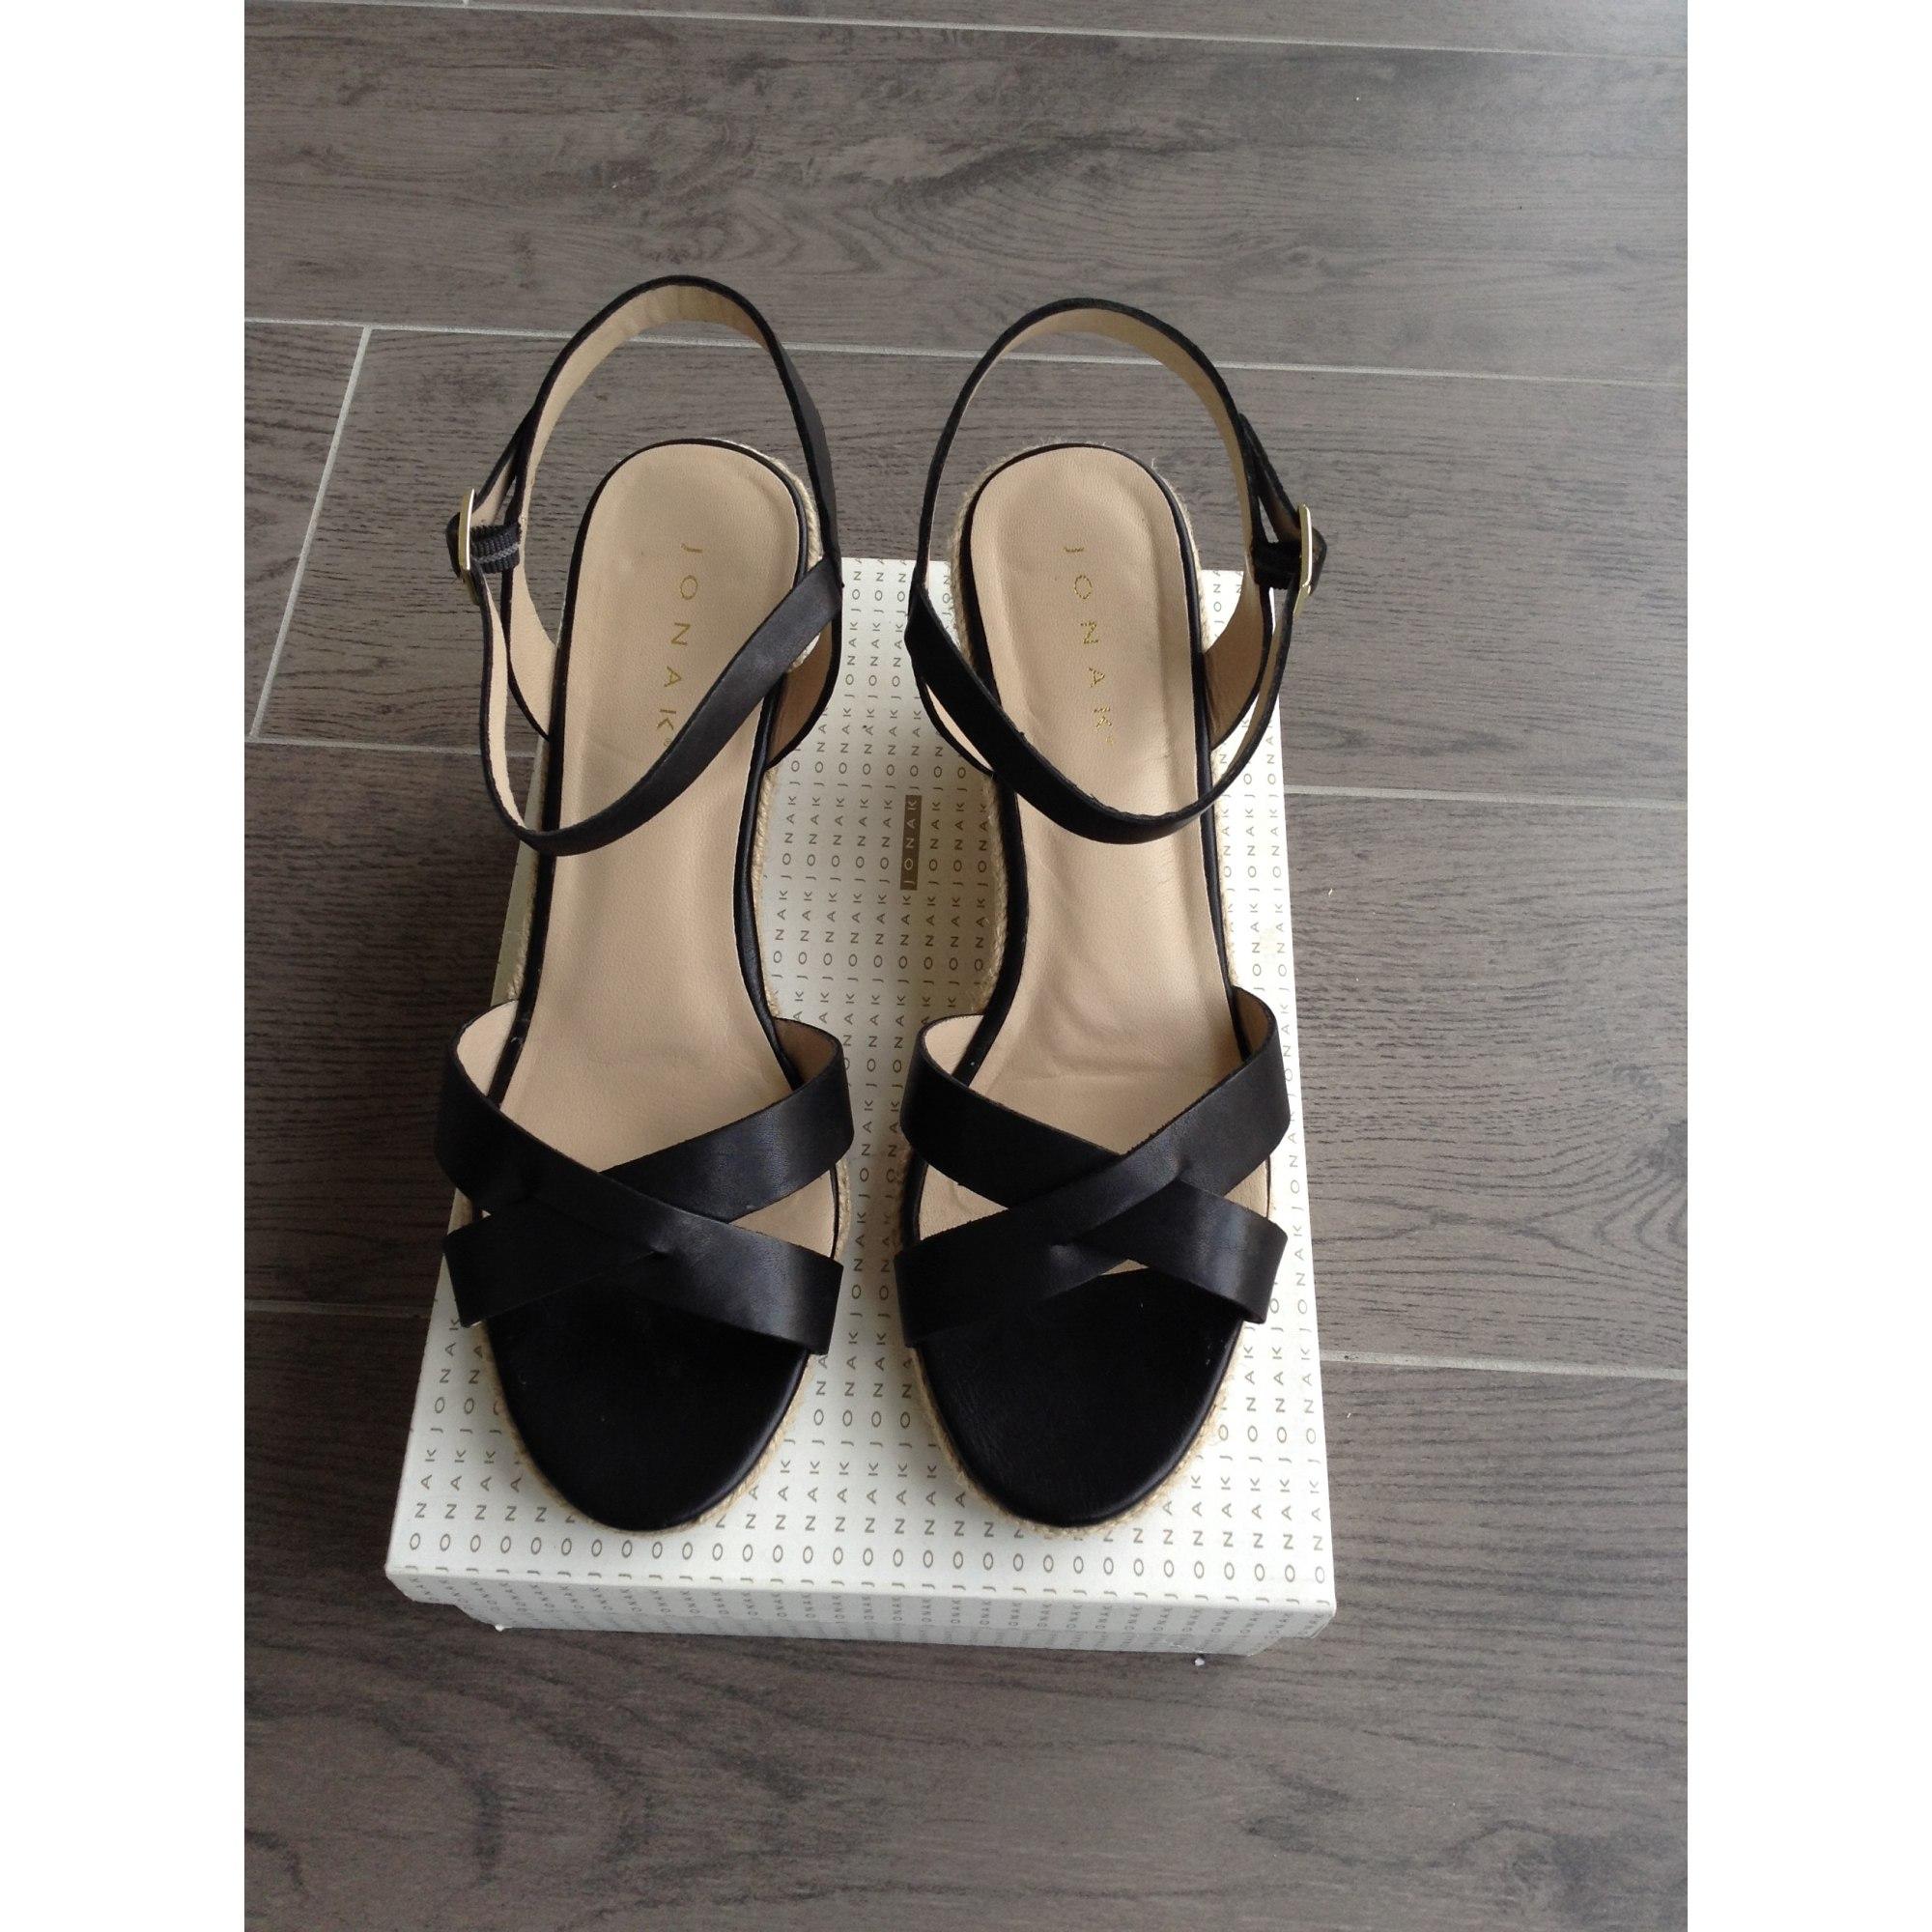 1d73753a70c Sandales compensées JONAK 40 noir - 7710488